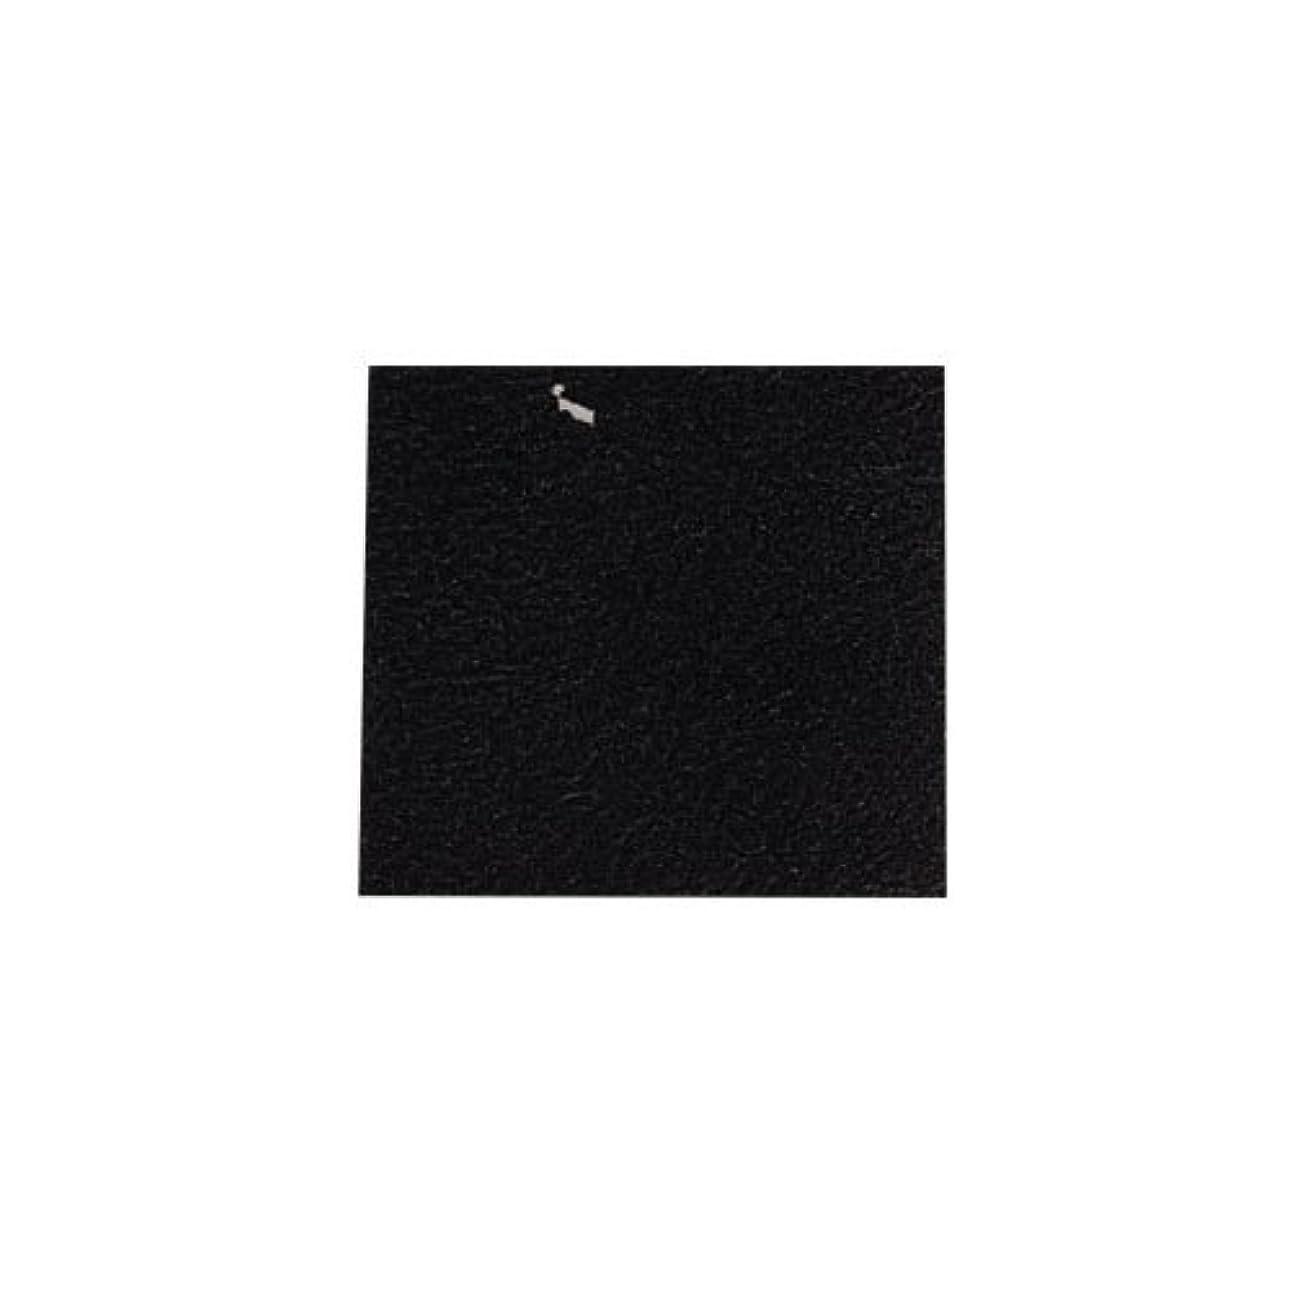 百万不誠実タイトピカエース ネイル用パウダー カラー純銀箔 #620 黒色 3.5㎜角×5枚